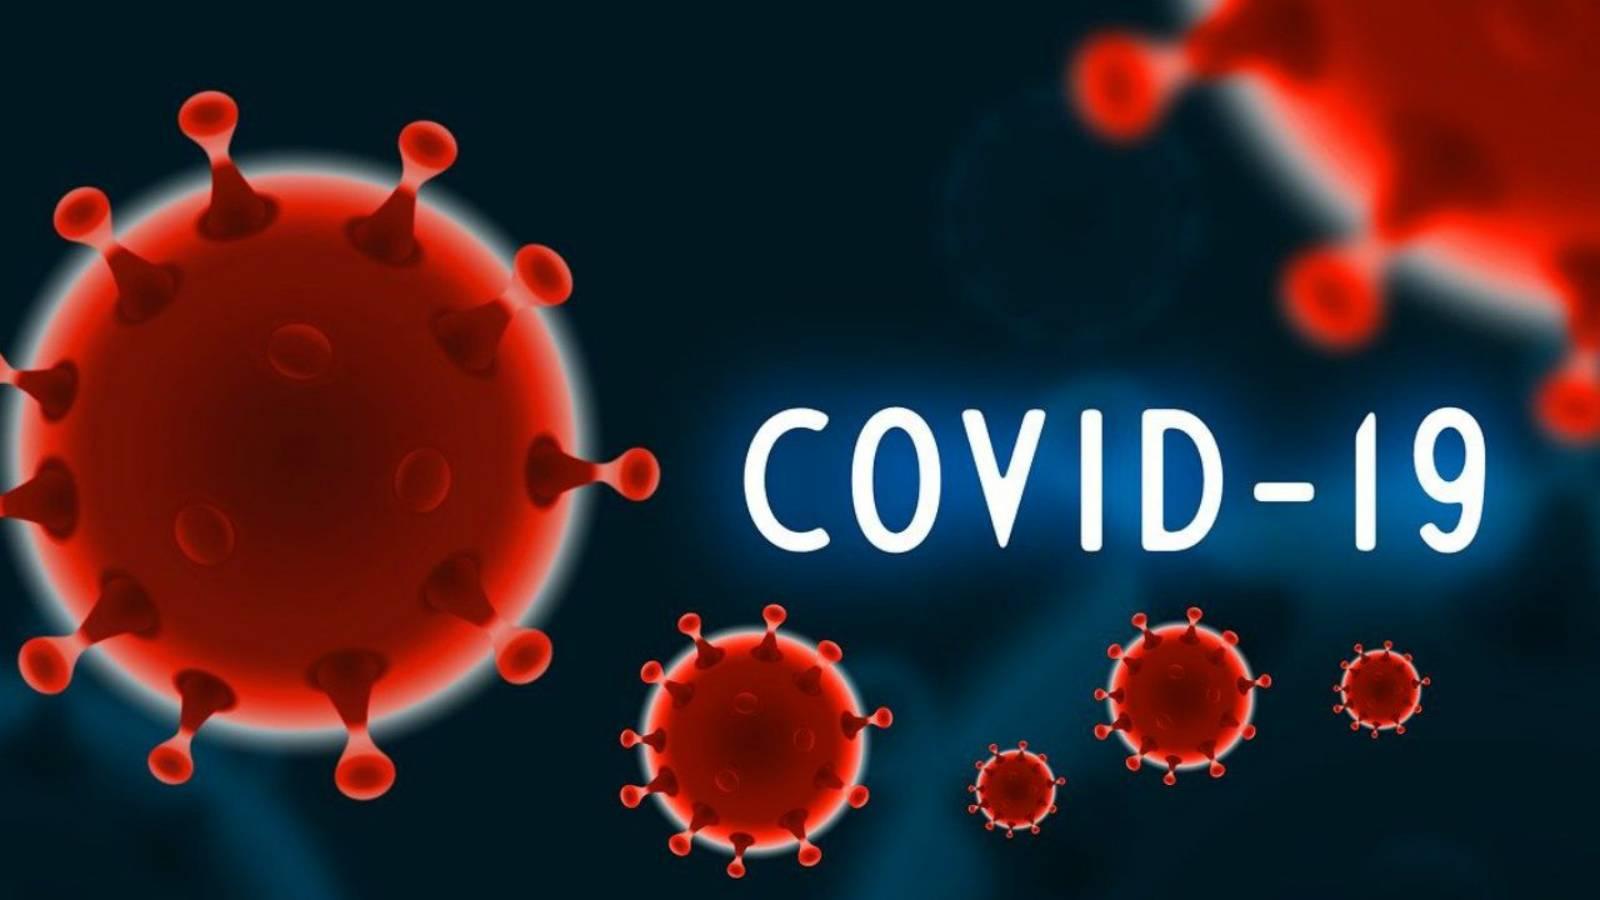 COVID-19 Romania 2 Milioane Doze Vaccin martie